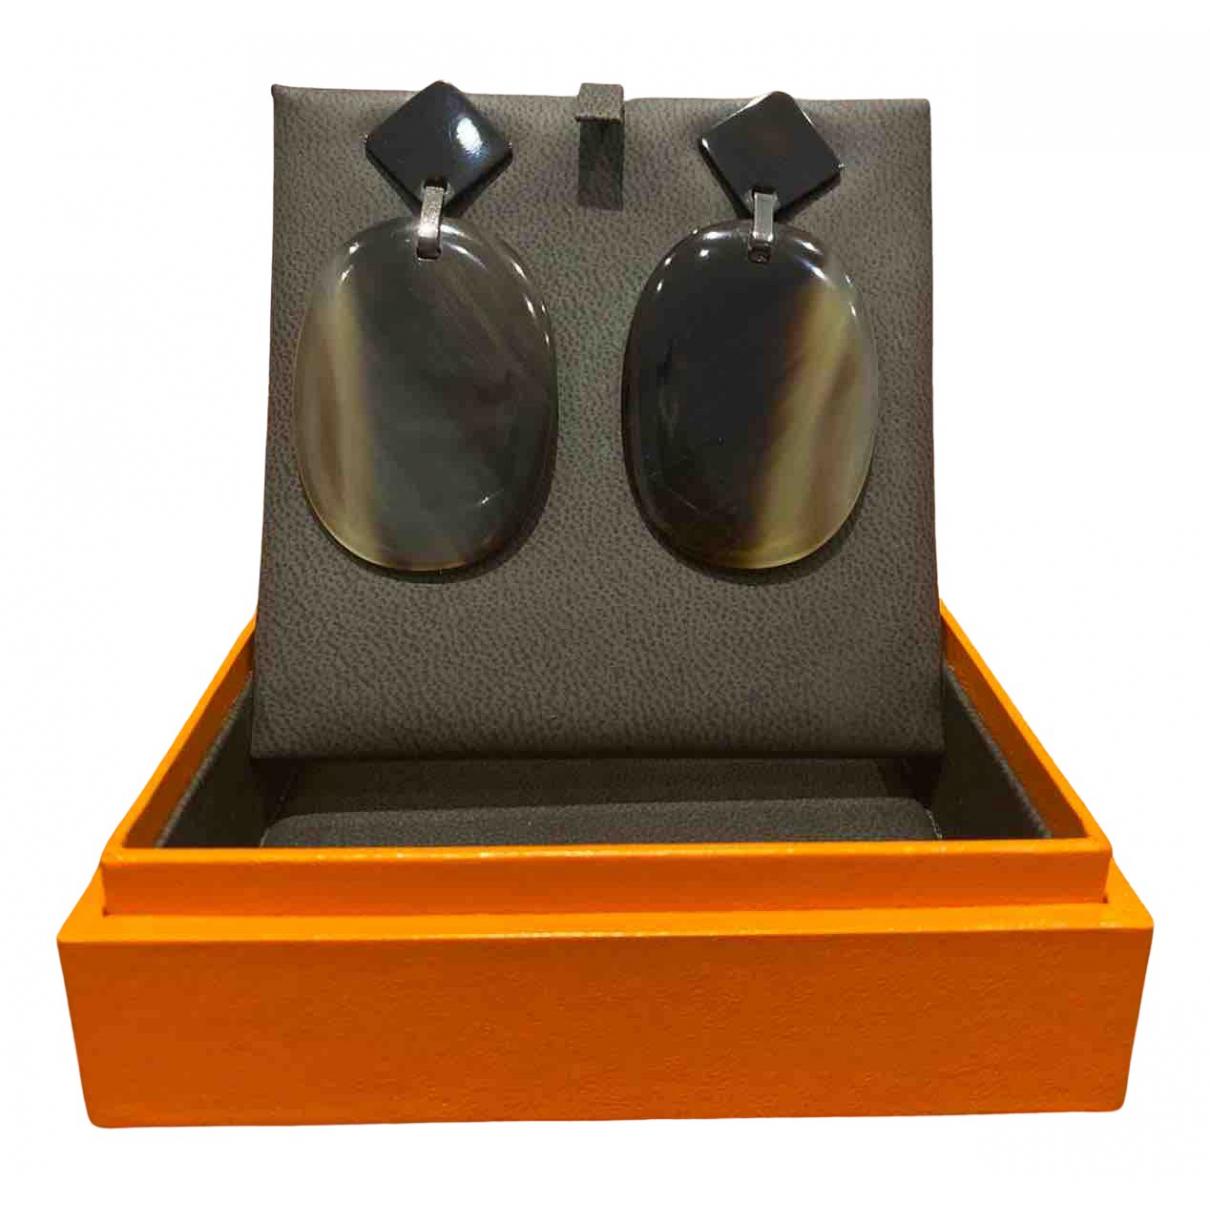 Hermes \N OhrRing in  Bunt Metall